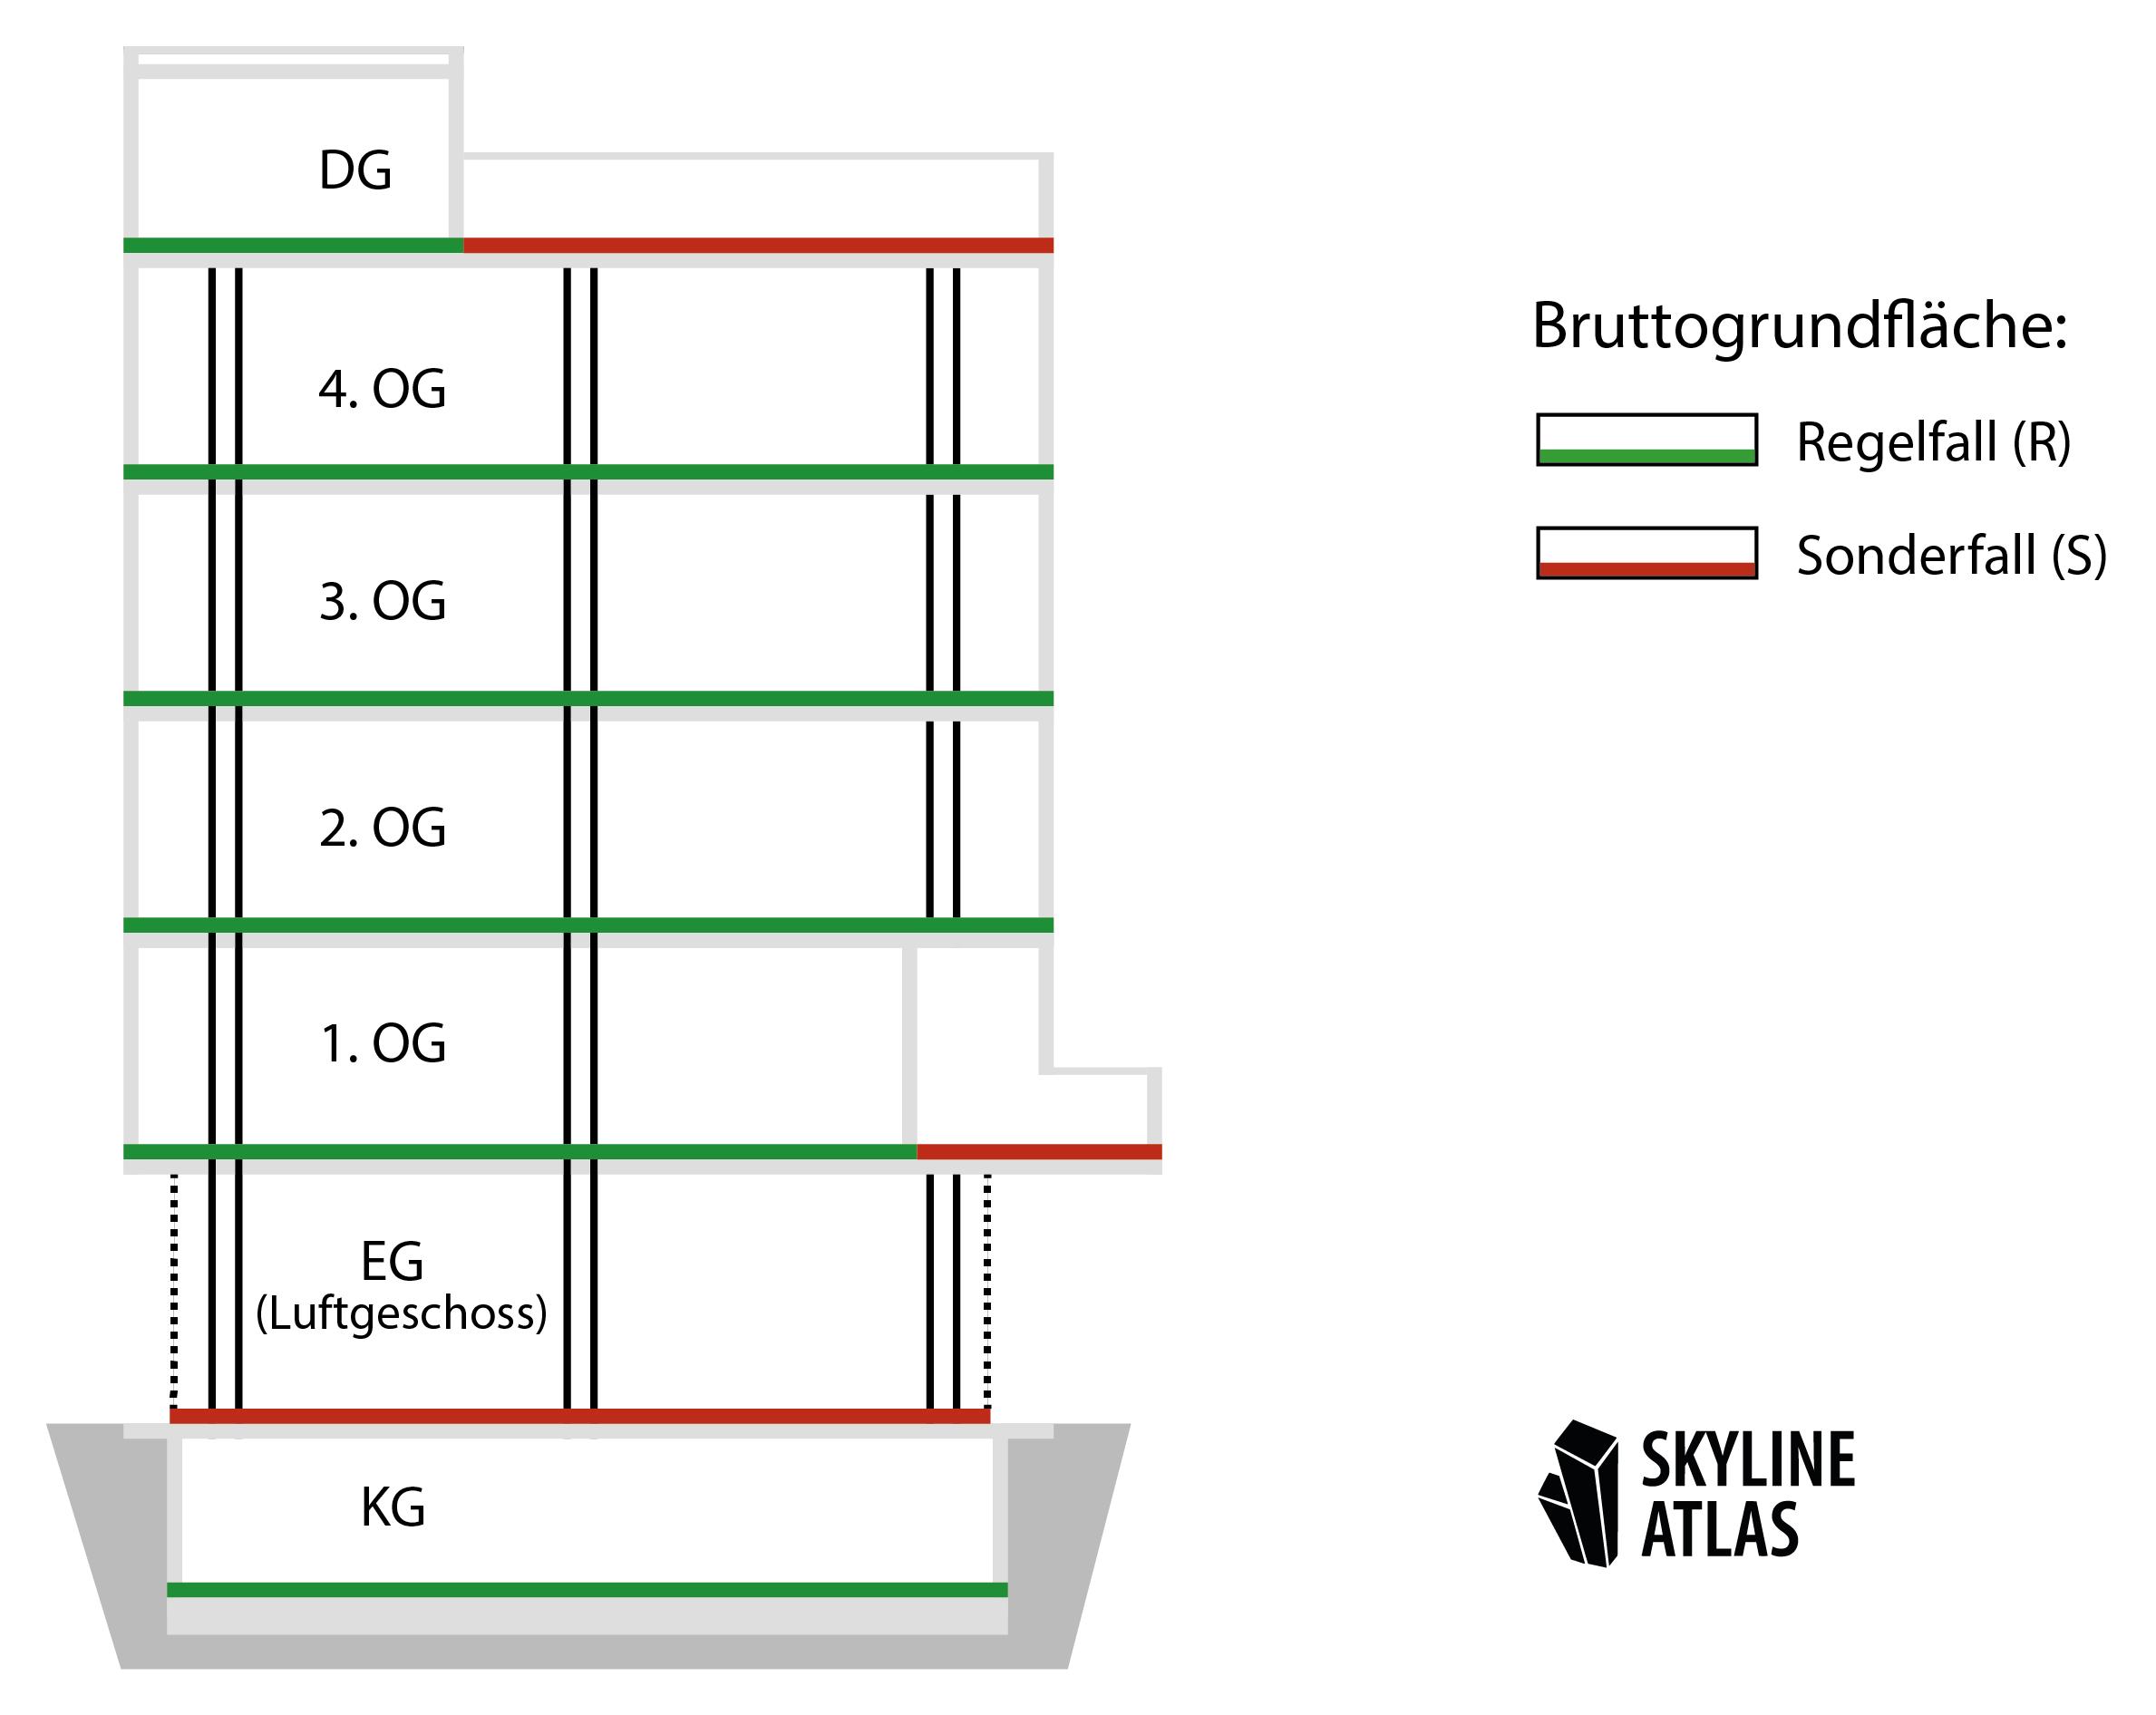 Bruttogrundfläche Definition - BGF Definition - Bruttogeschossfläche Definition